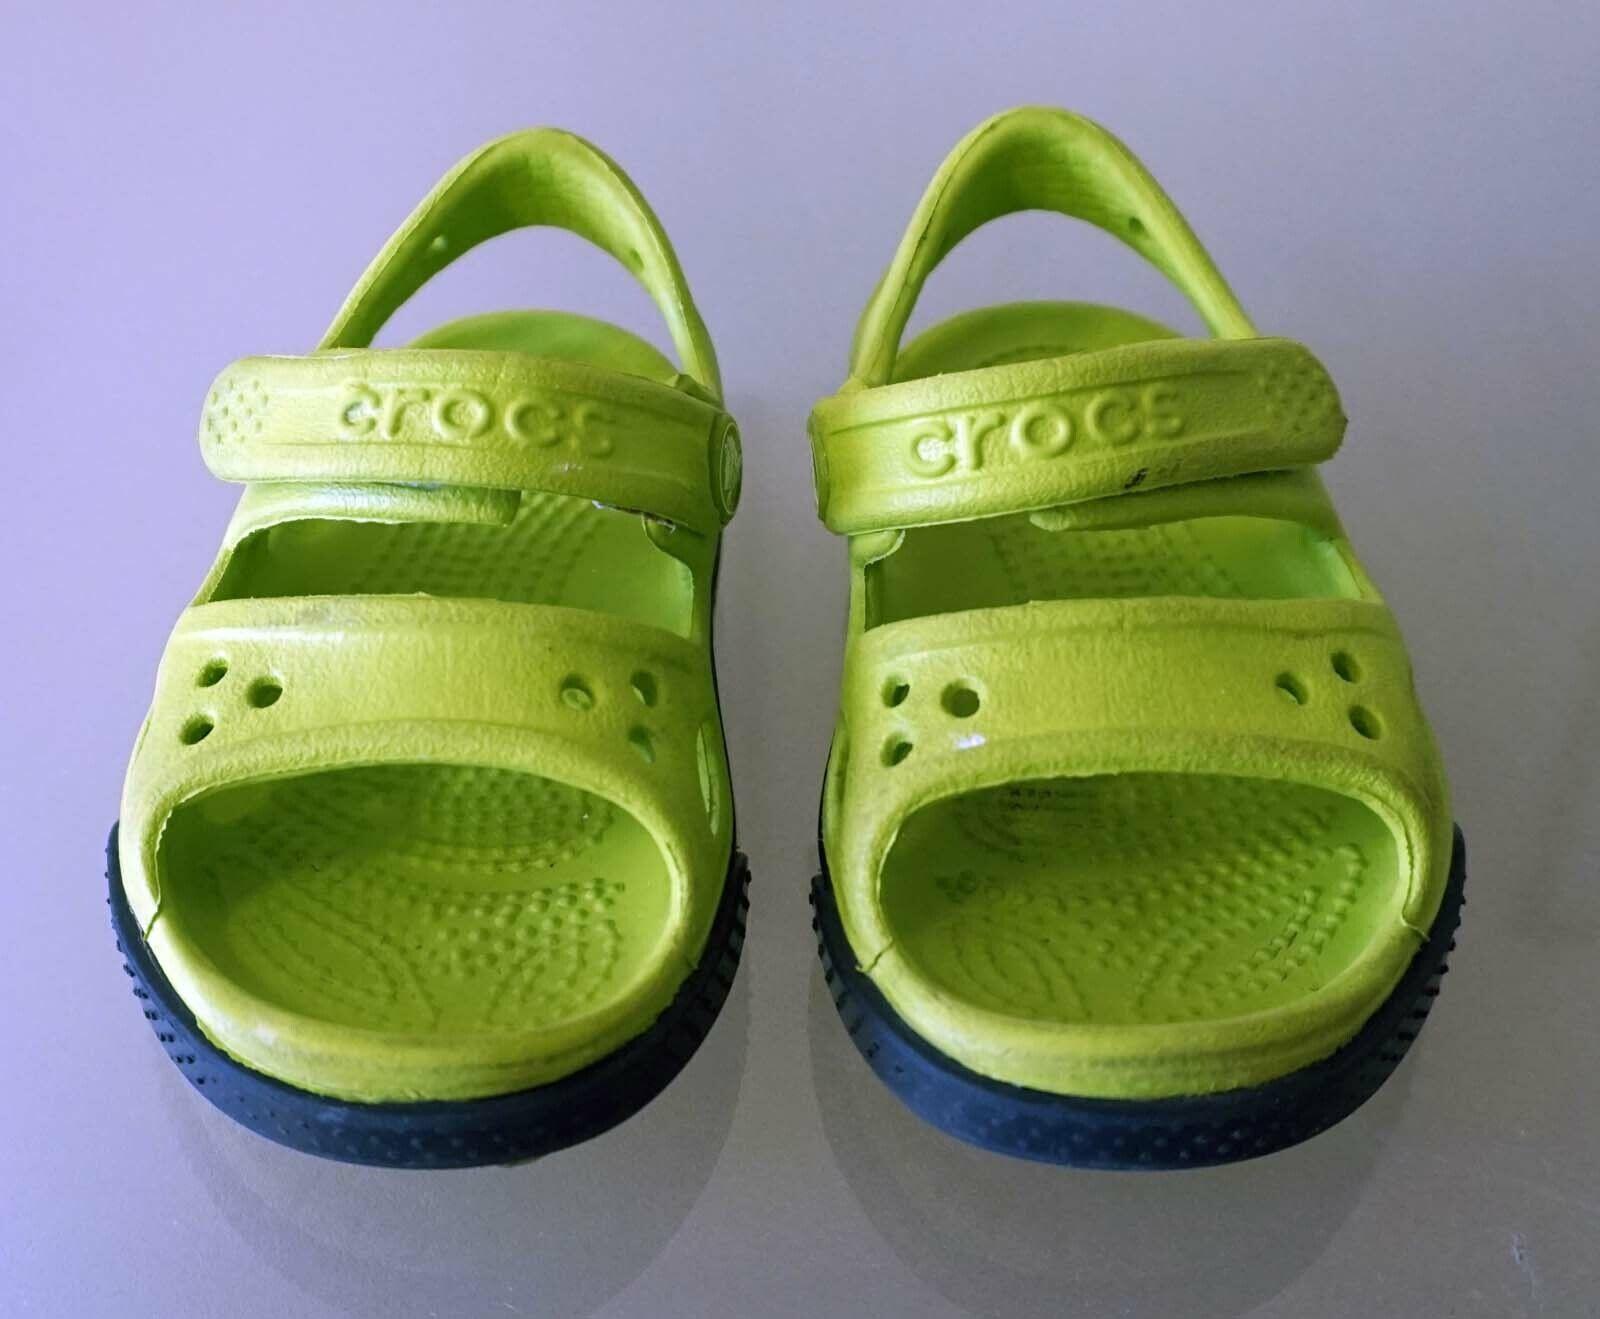 Crocs Kinder Sport Freizeit Sandale Schuhe C4 19/20 12cm grün weis